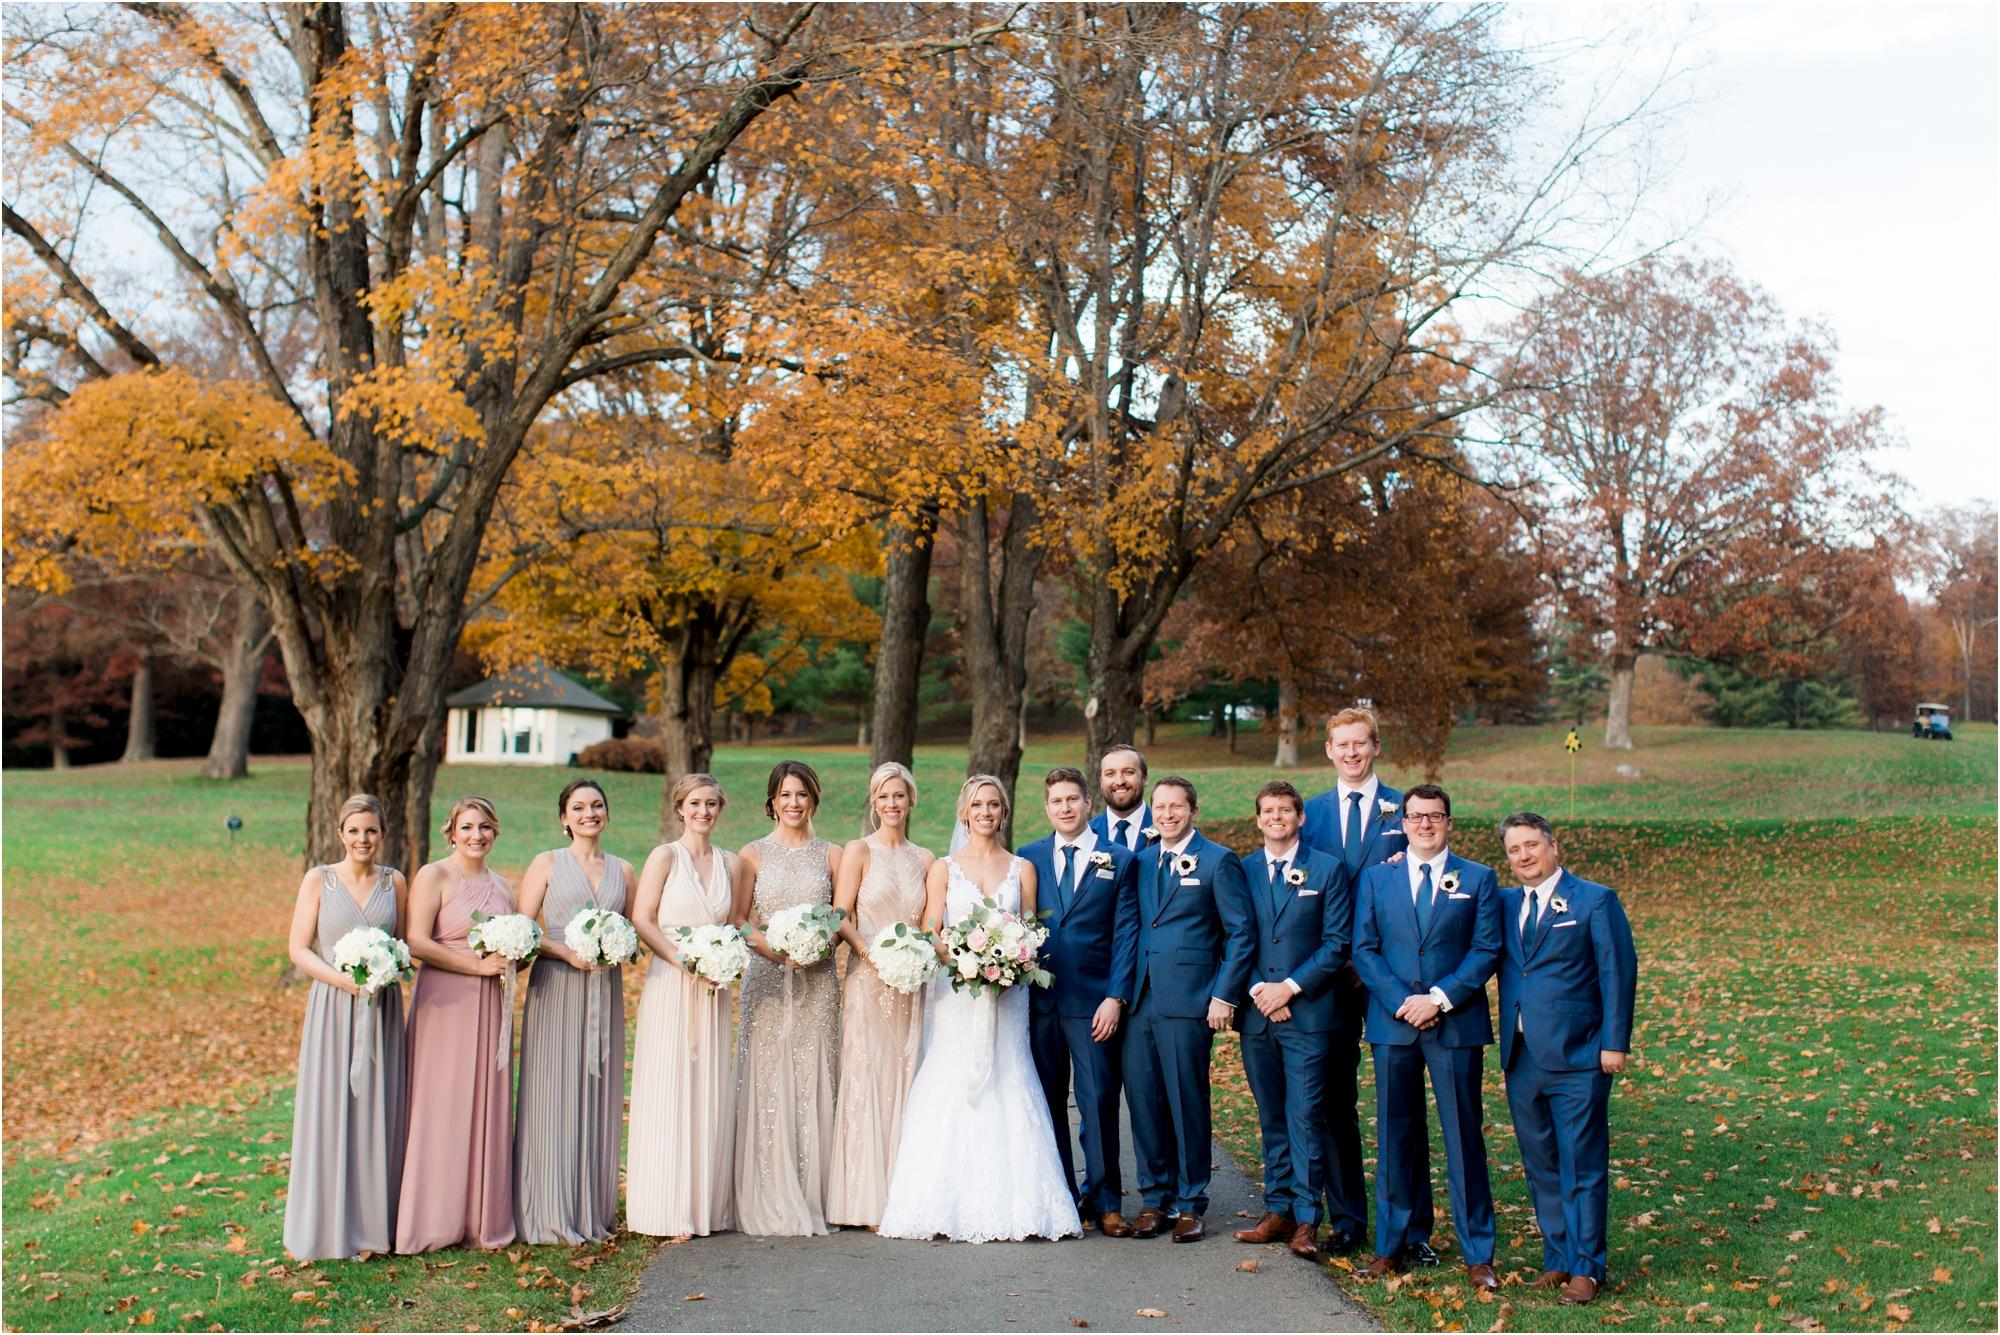 brooke-ilya-fall-virginia-omni-homestead-resort-wedding-photos_0039.jpg